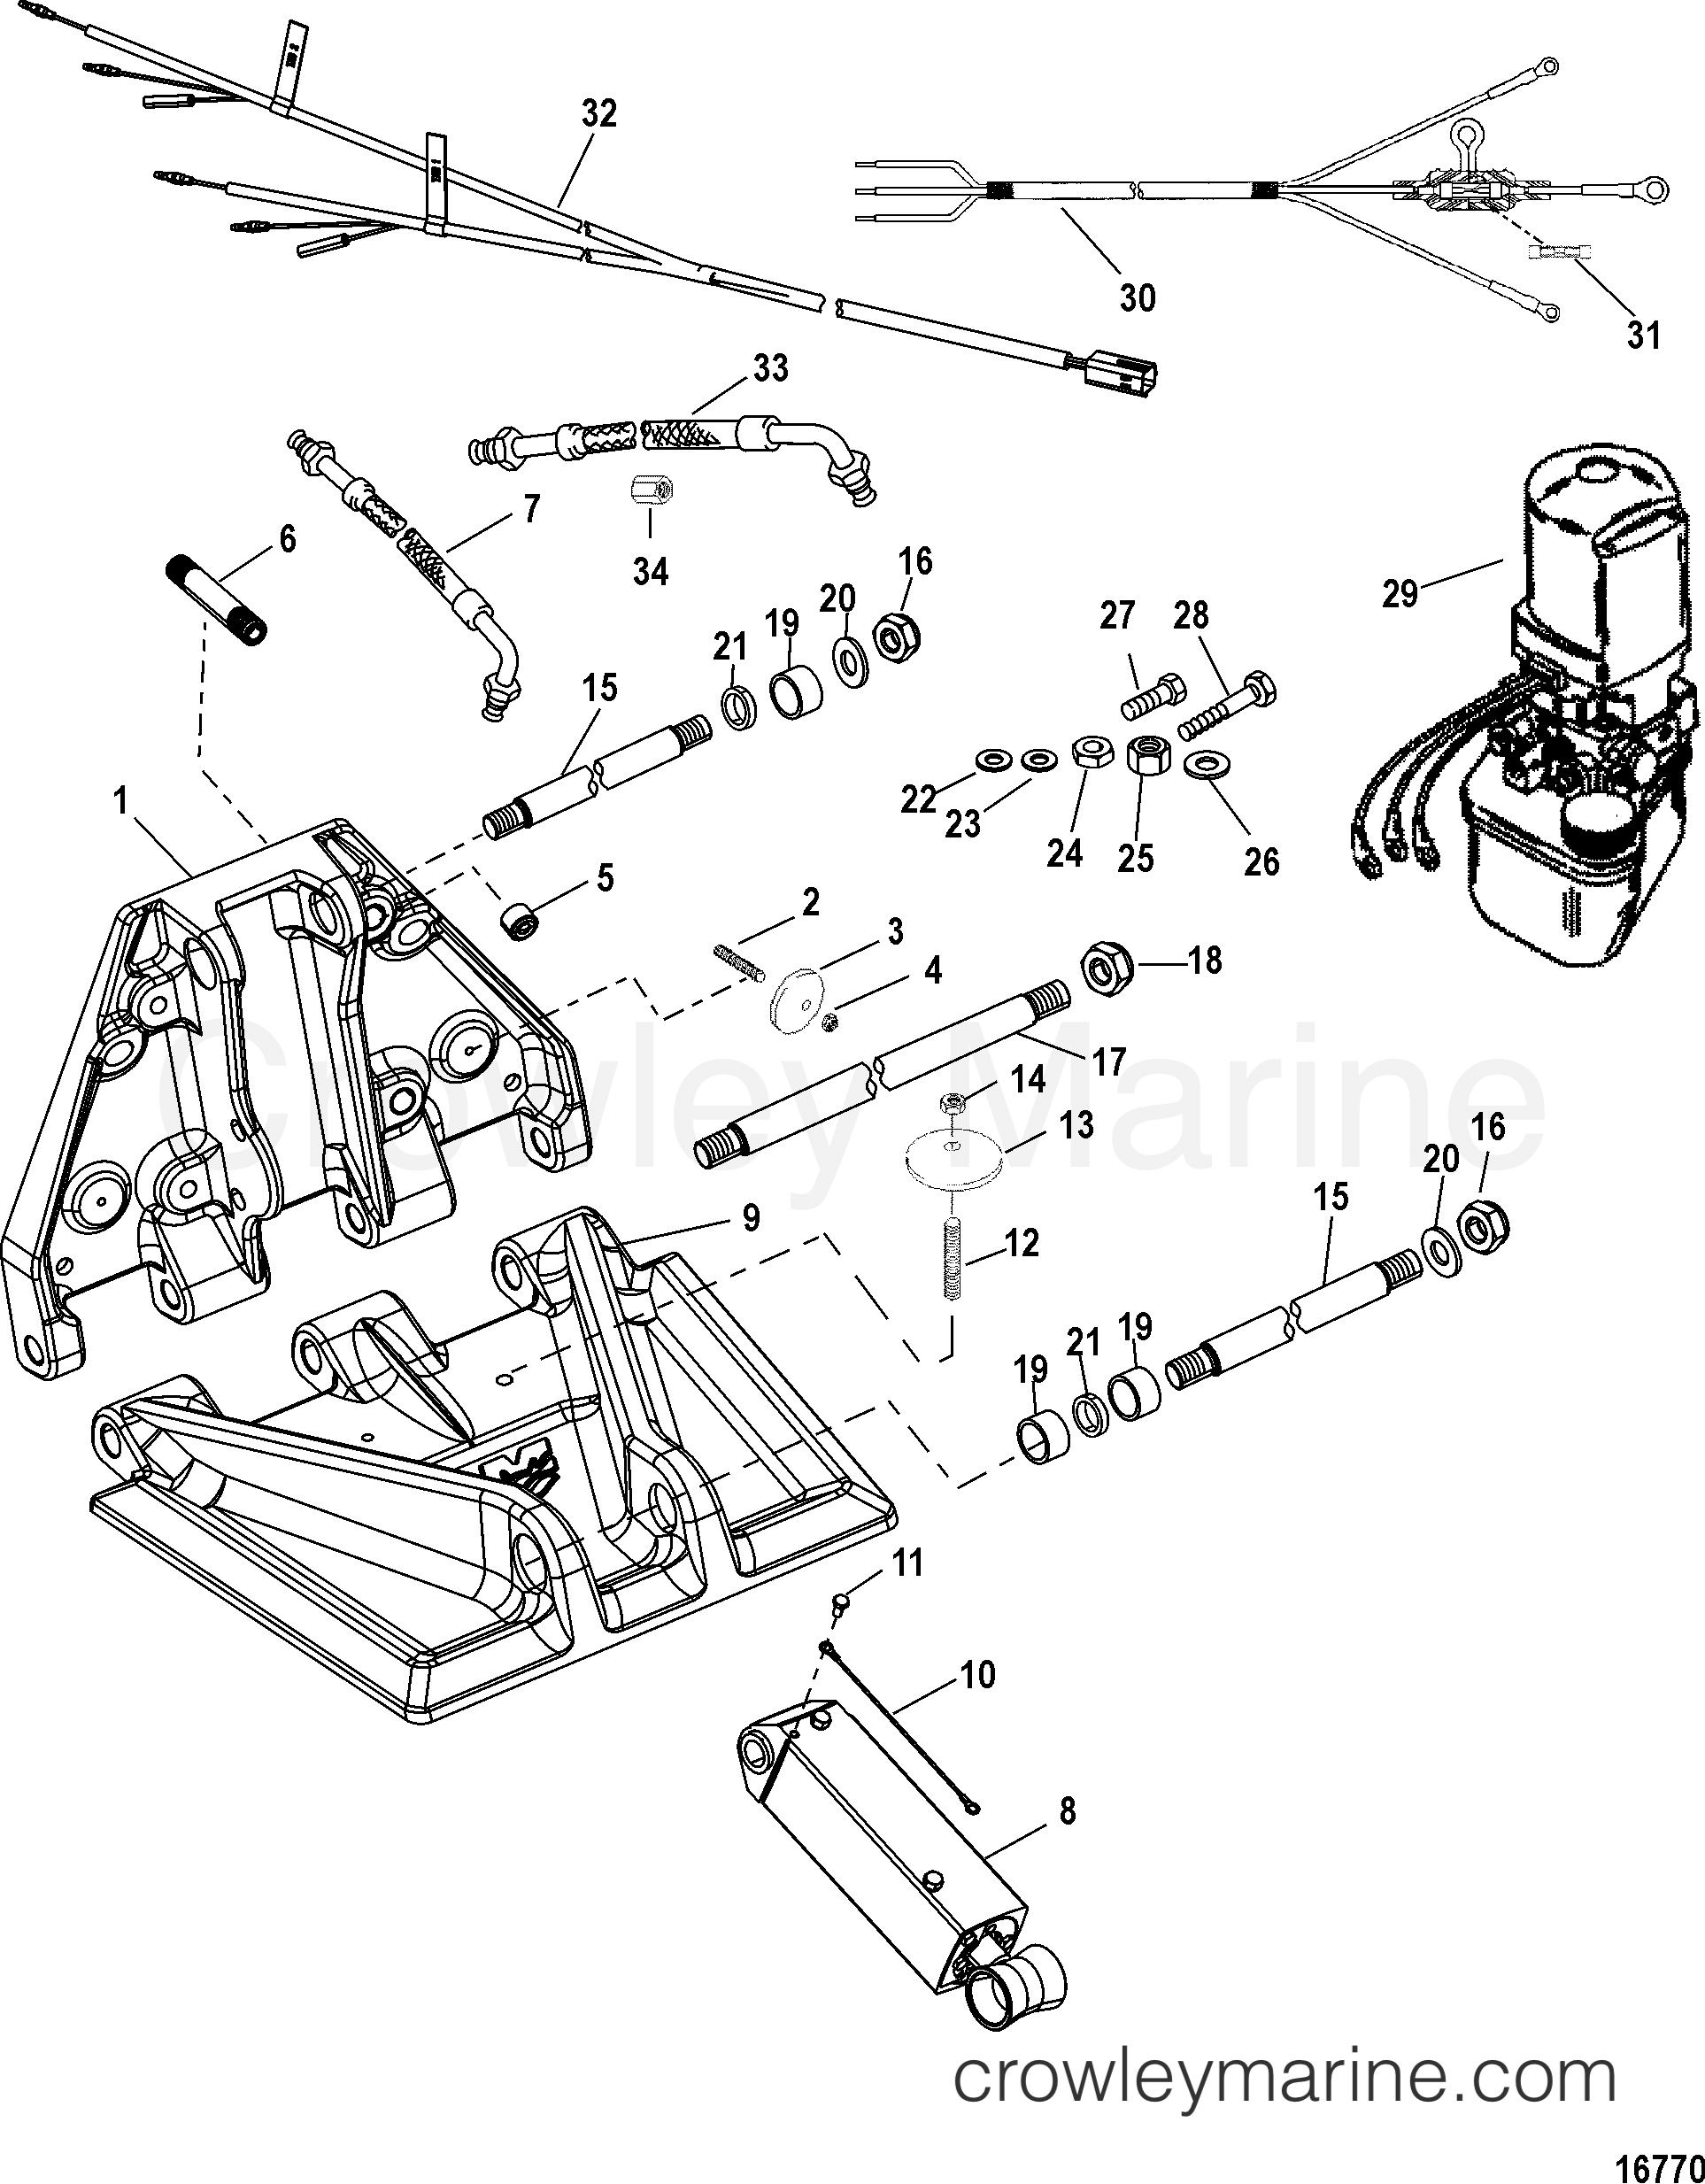 trim tab mercruiser wiring diagram wiring diagram Johnson 120 Wiring Diagram trim tab mercruiser wiring diagram